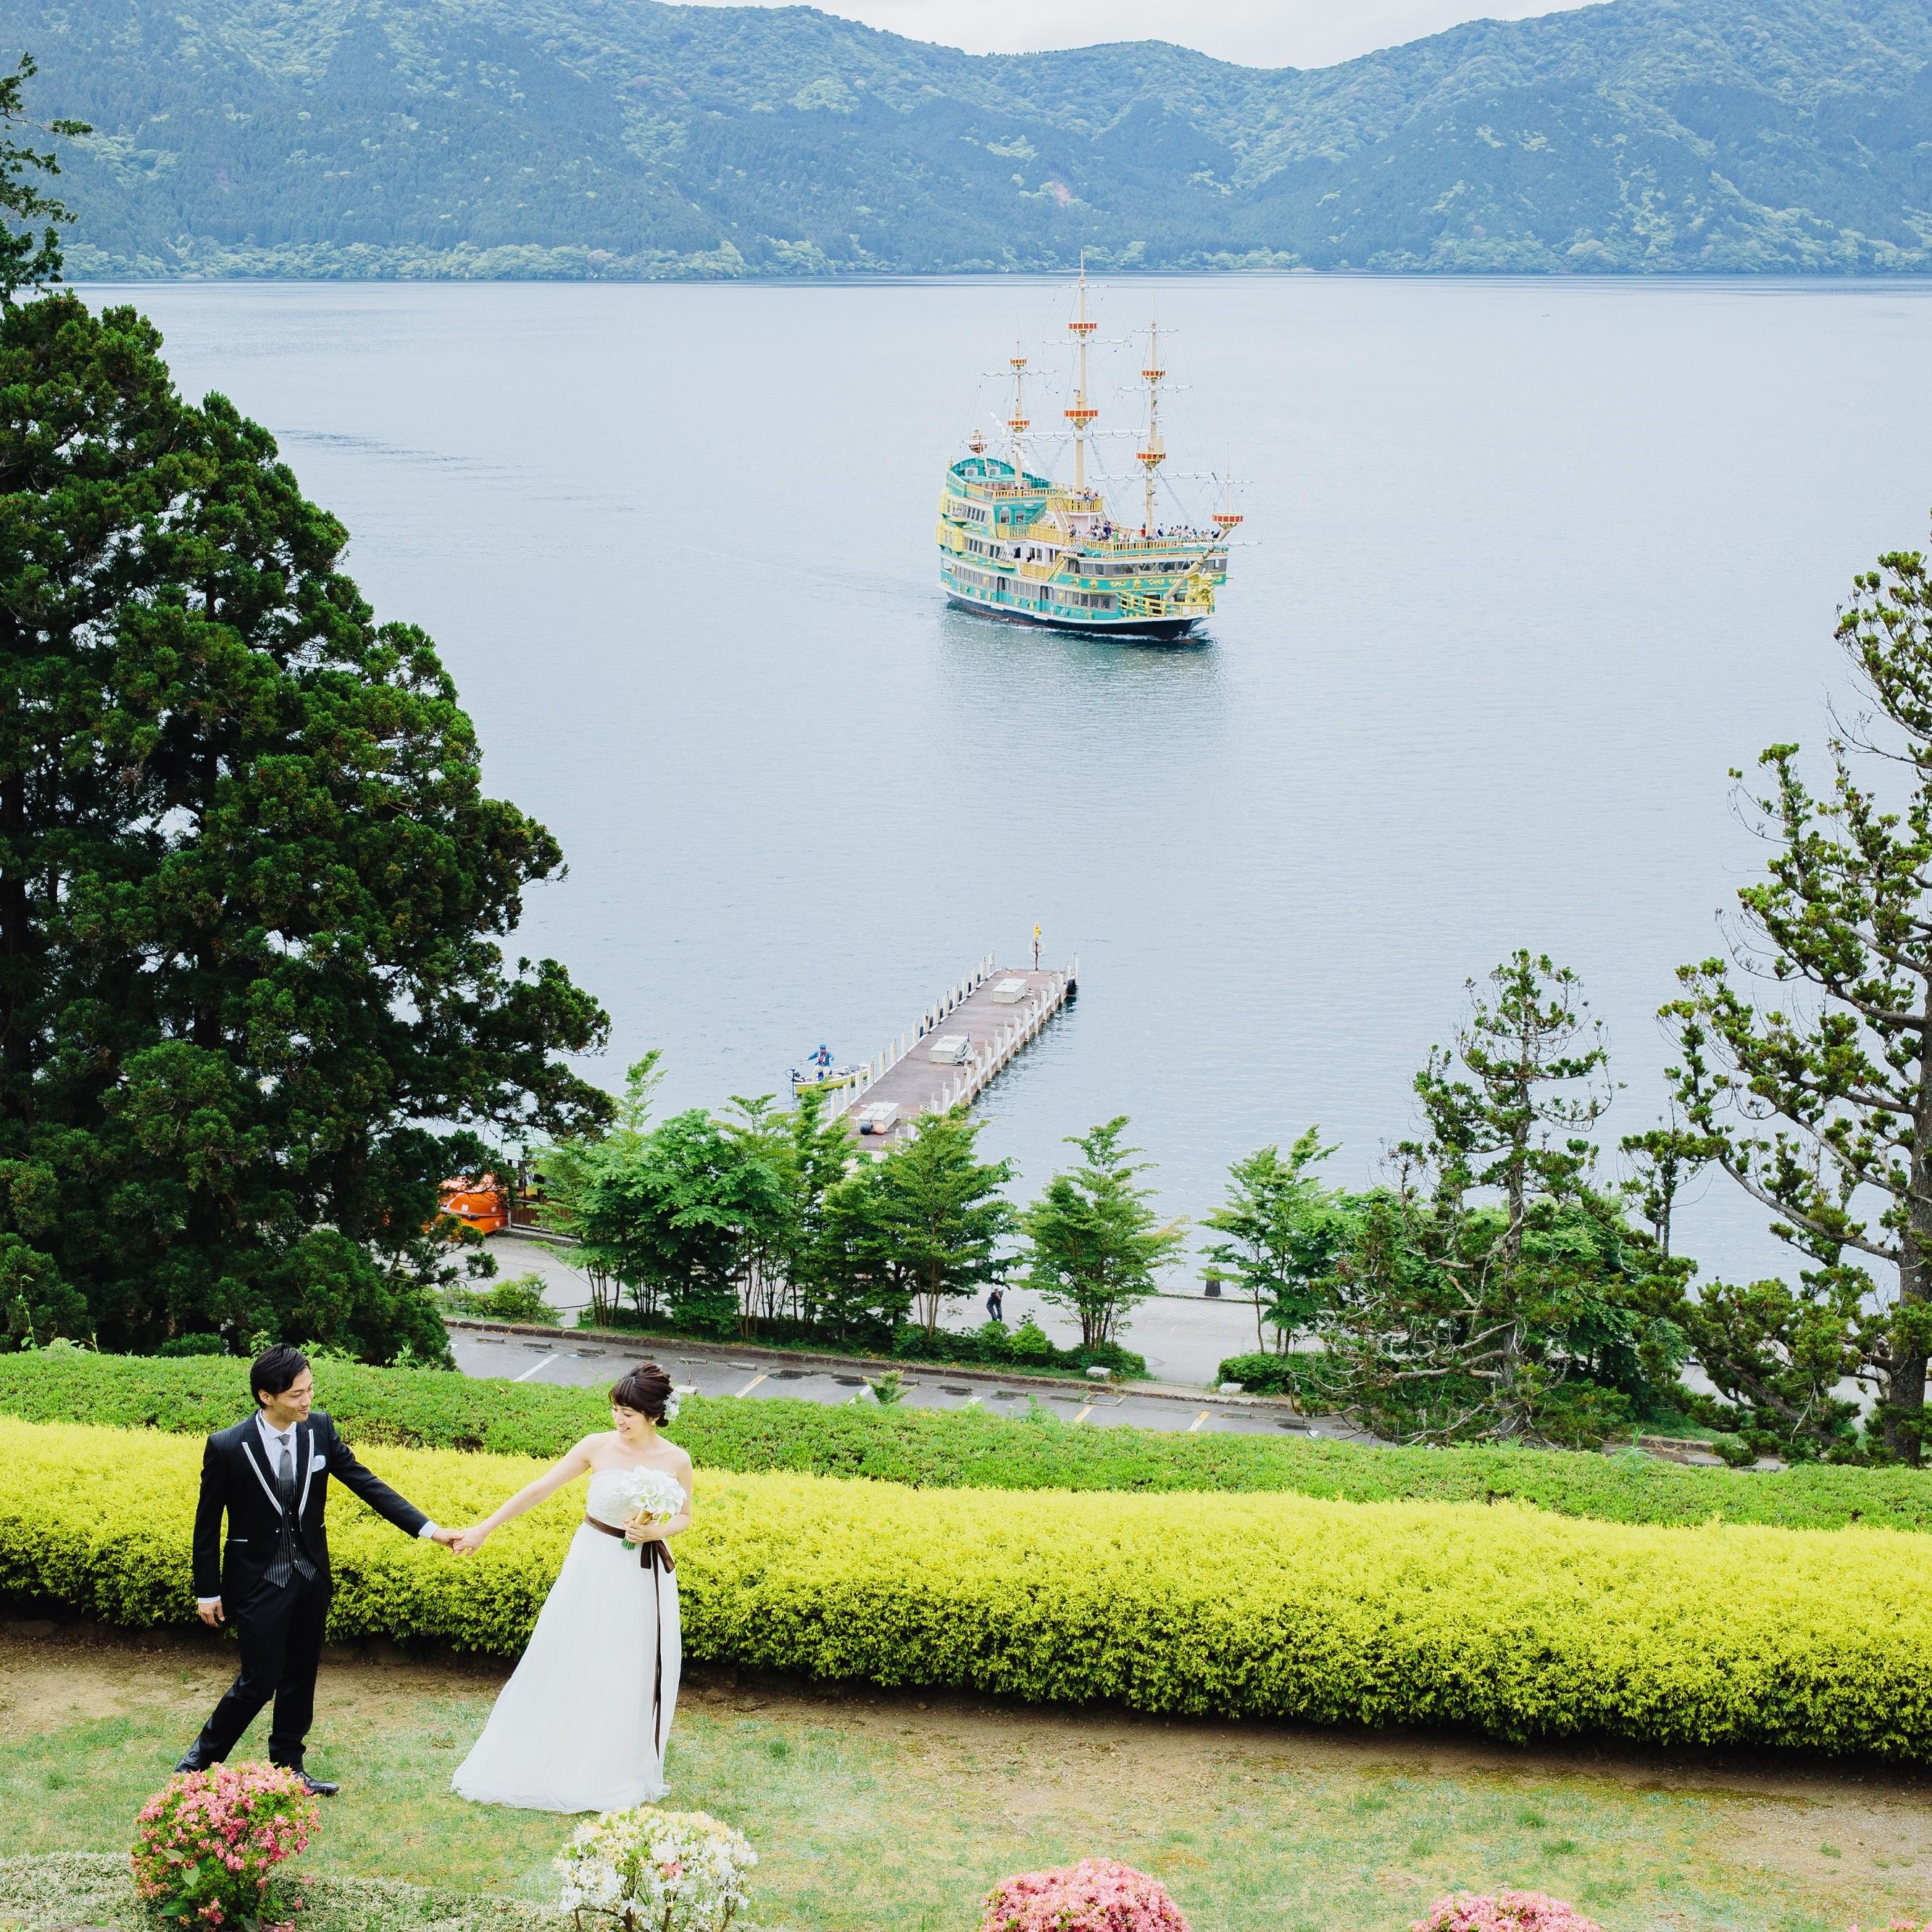 【芦ノ湖キャンプ村】<br/>自然を満喫する<br/>アウトドアウェディングプラン おすすめポイント